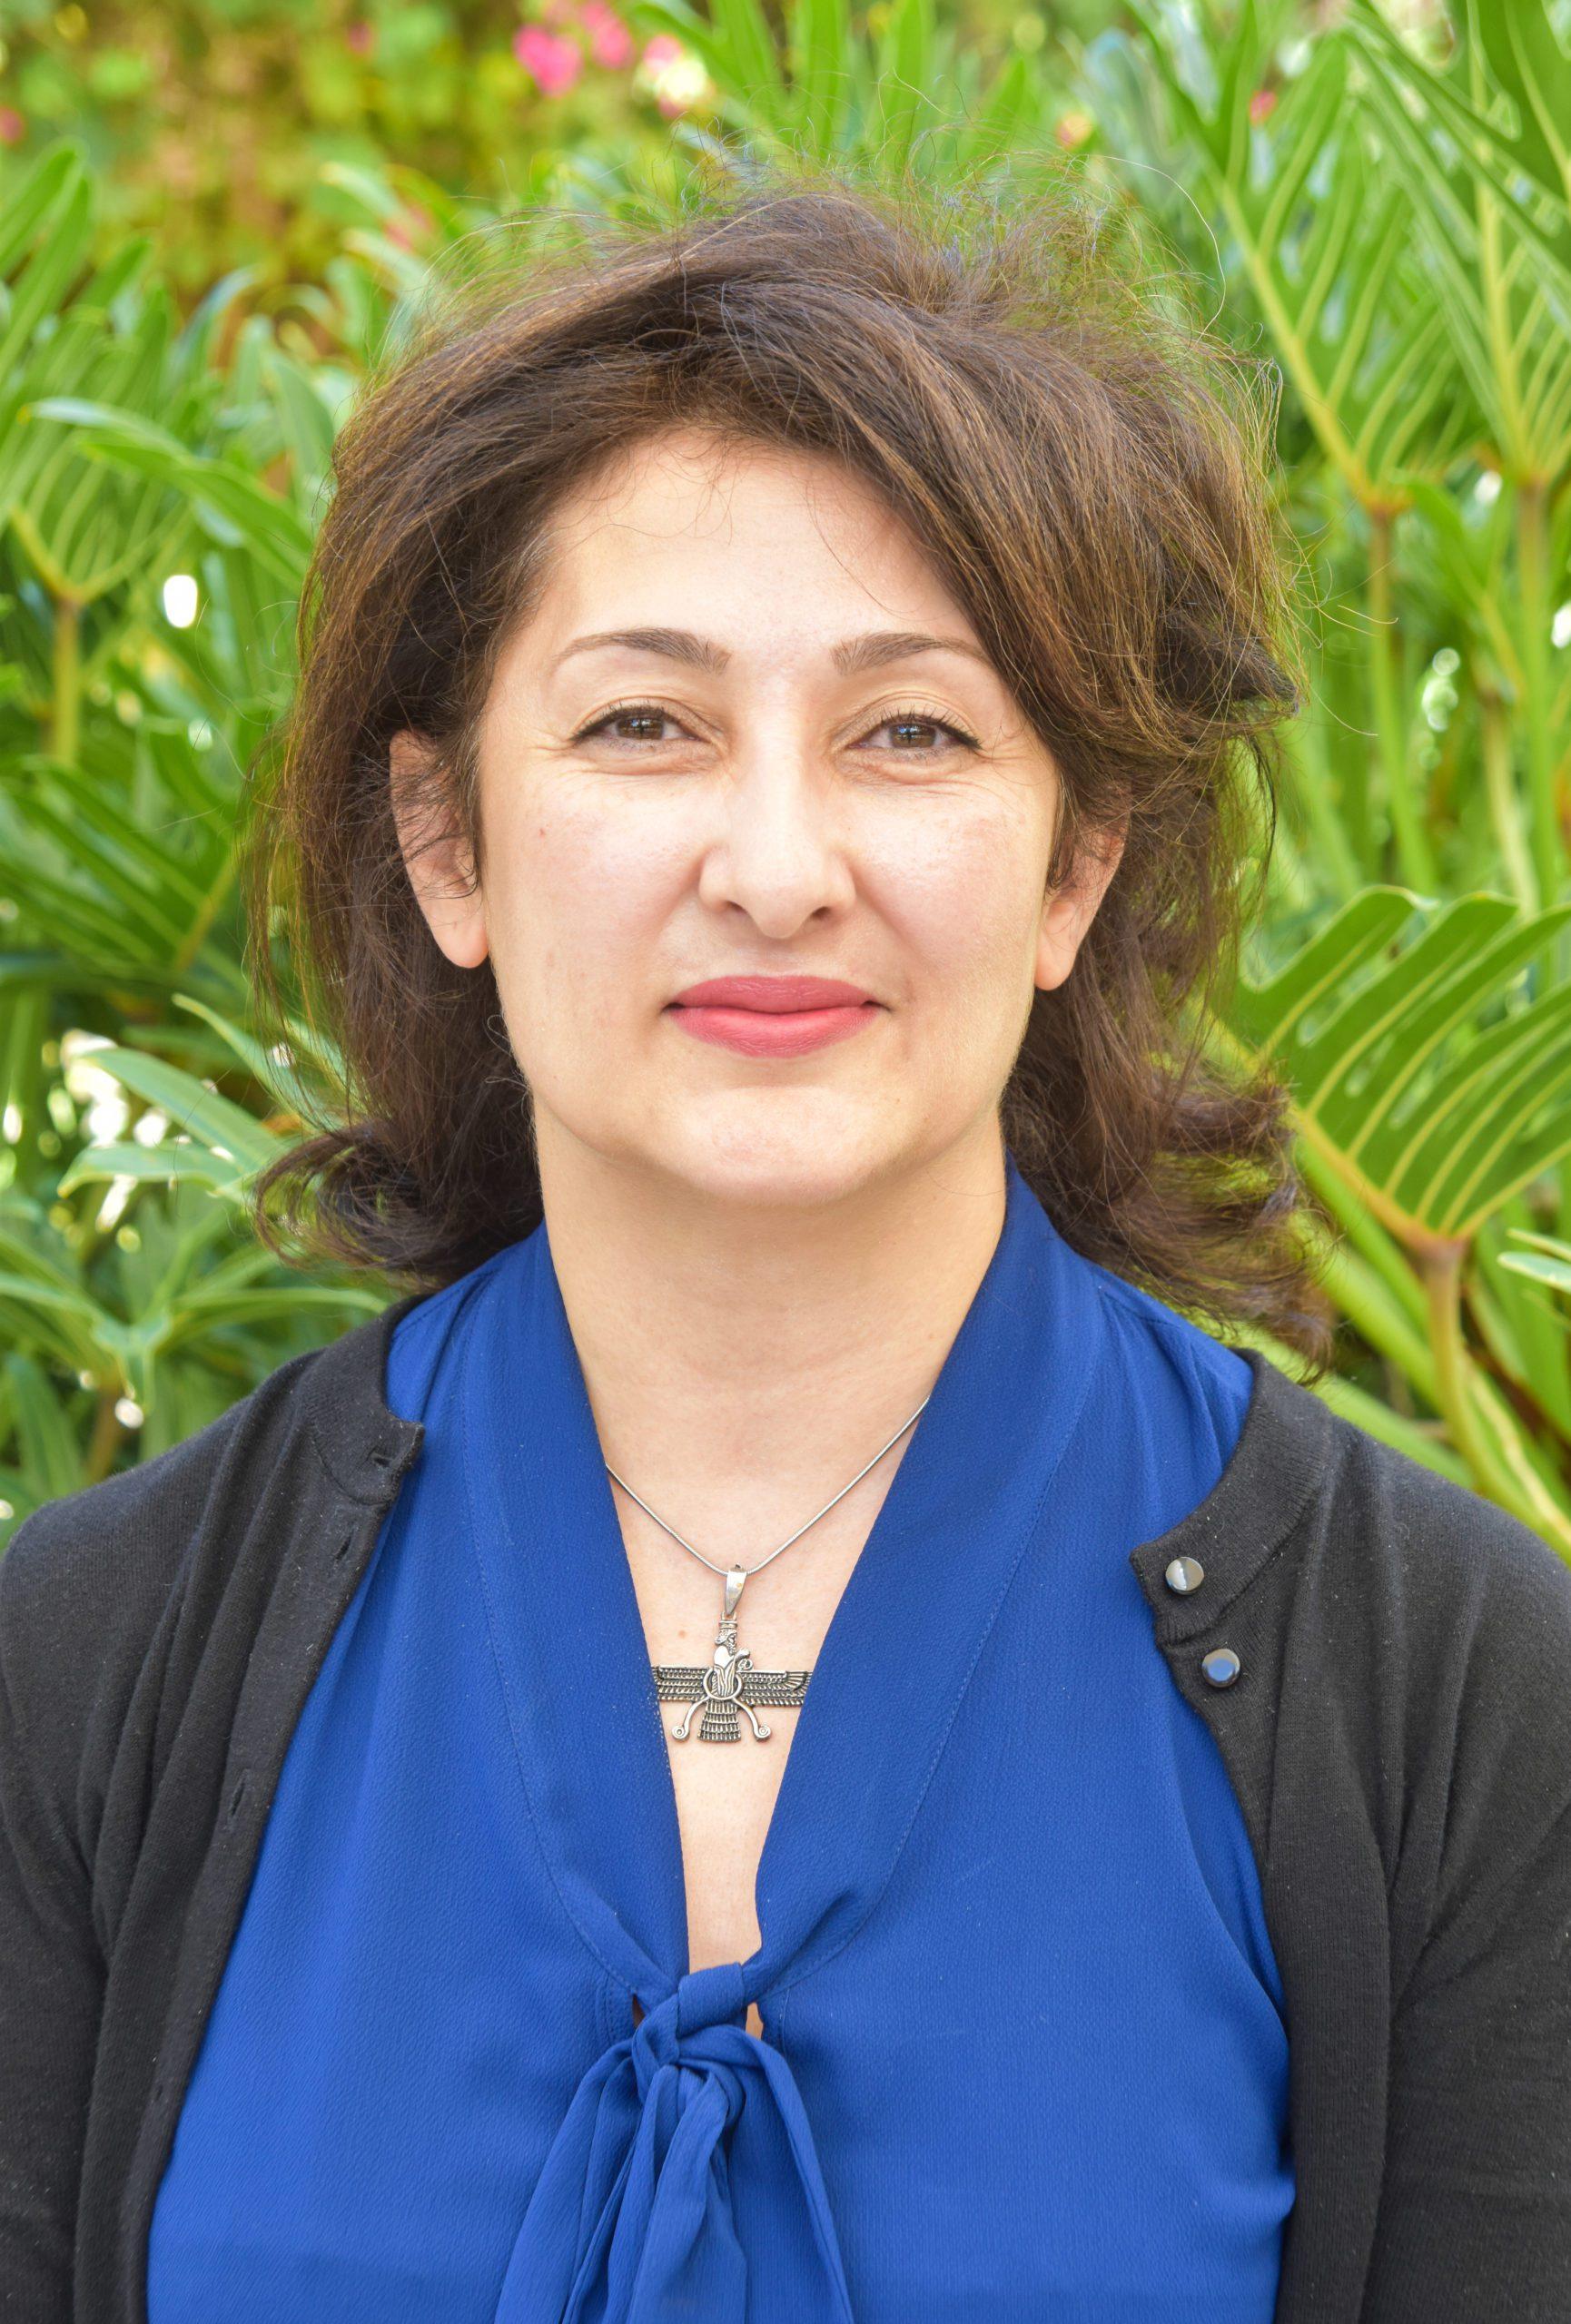 Photo of Giti Javidi, PhD